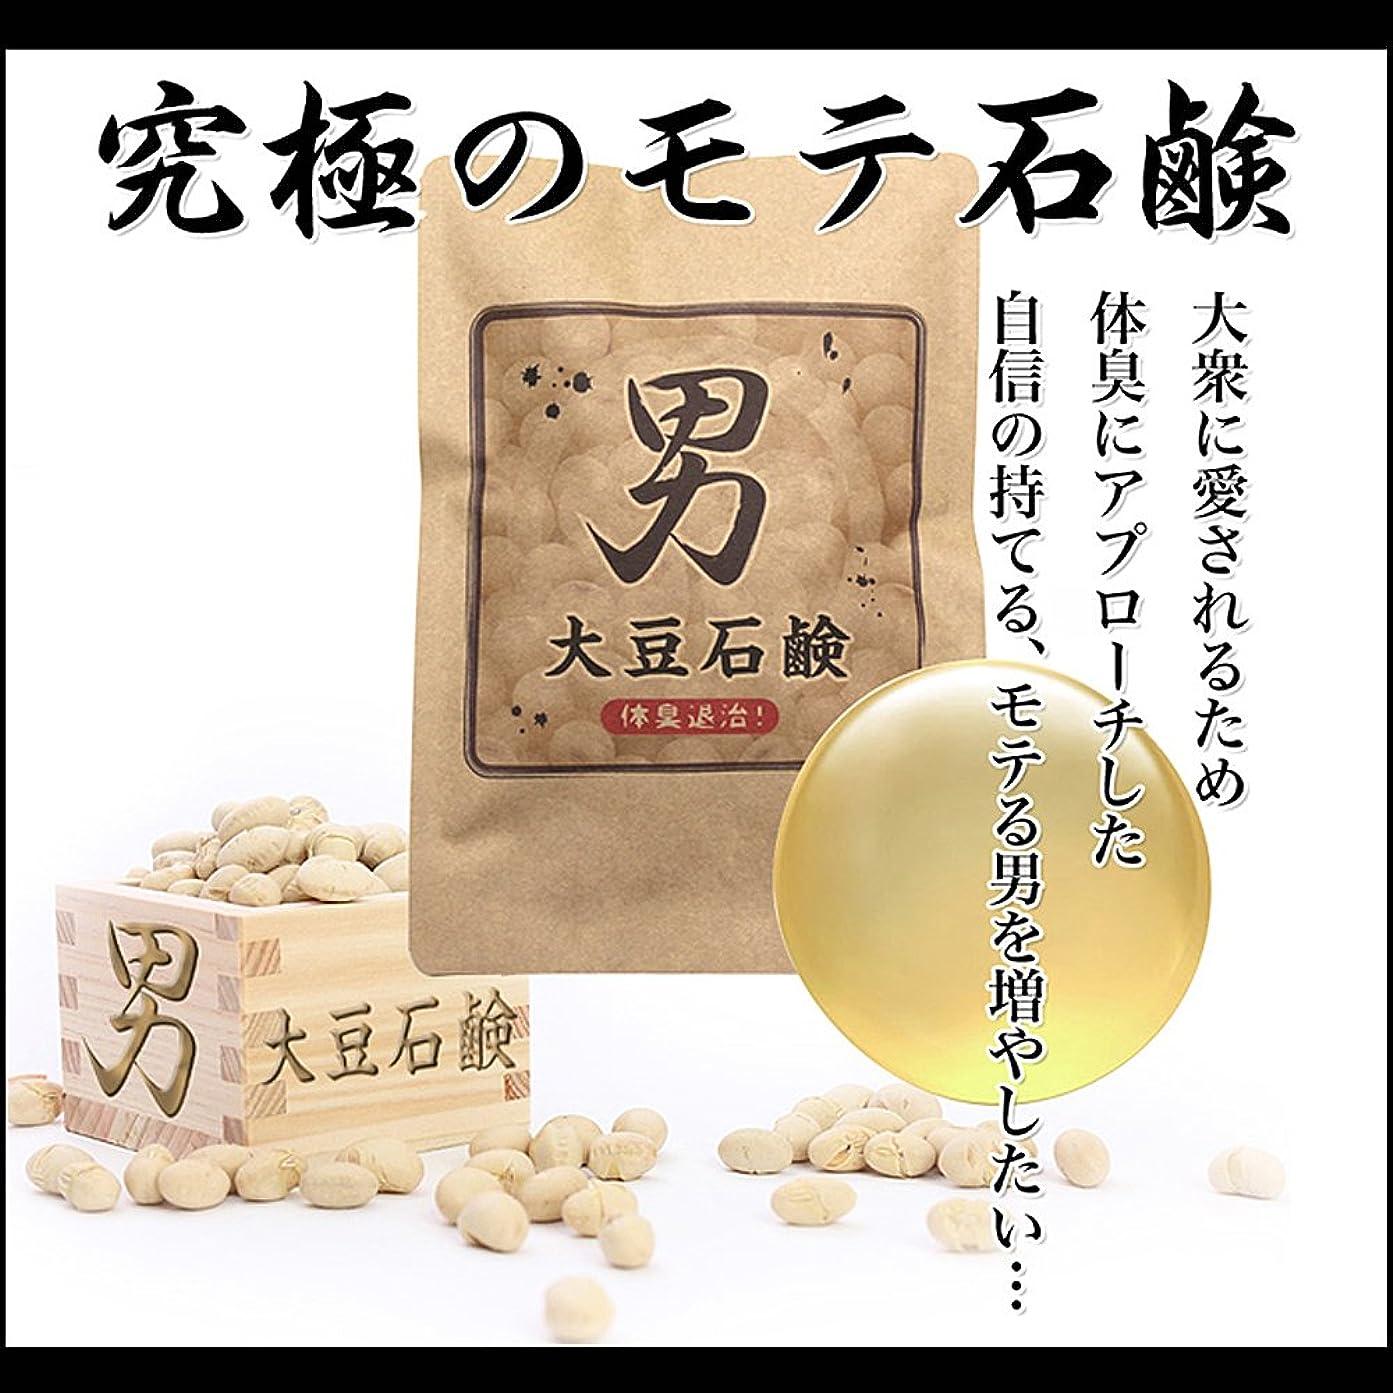 アレキサンダーグラハムベル取り囲むタイヤ男大豆石鹸(セリュードボーテ ピュアソープ)